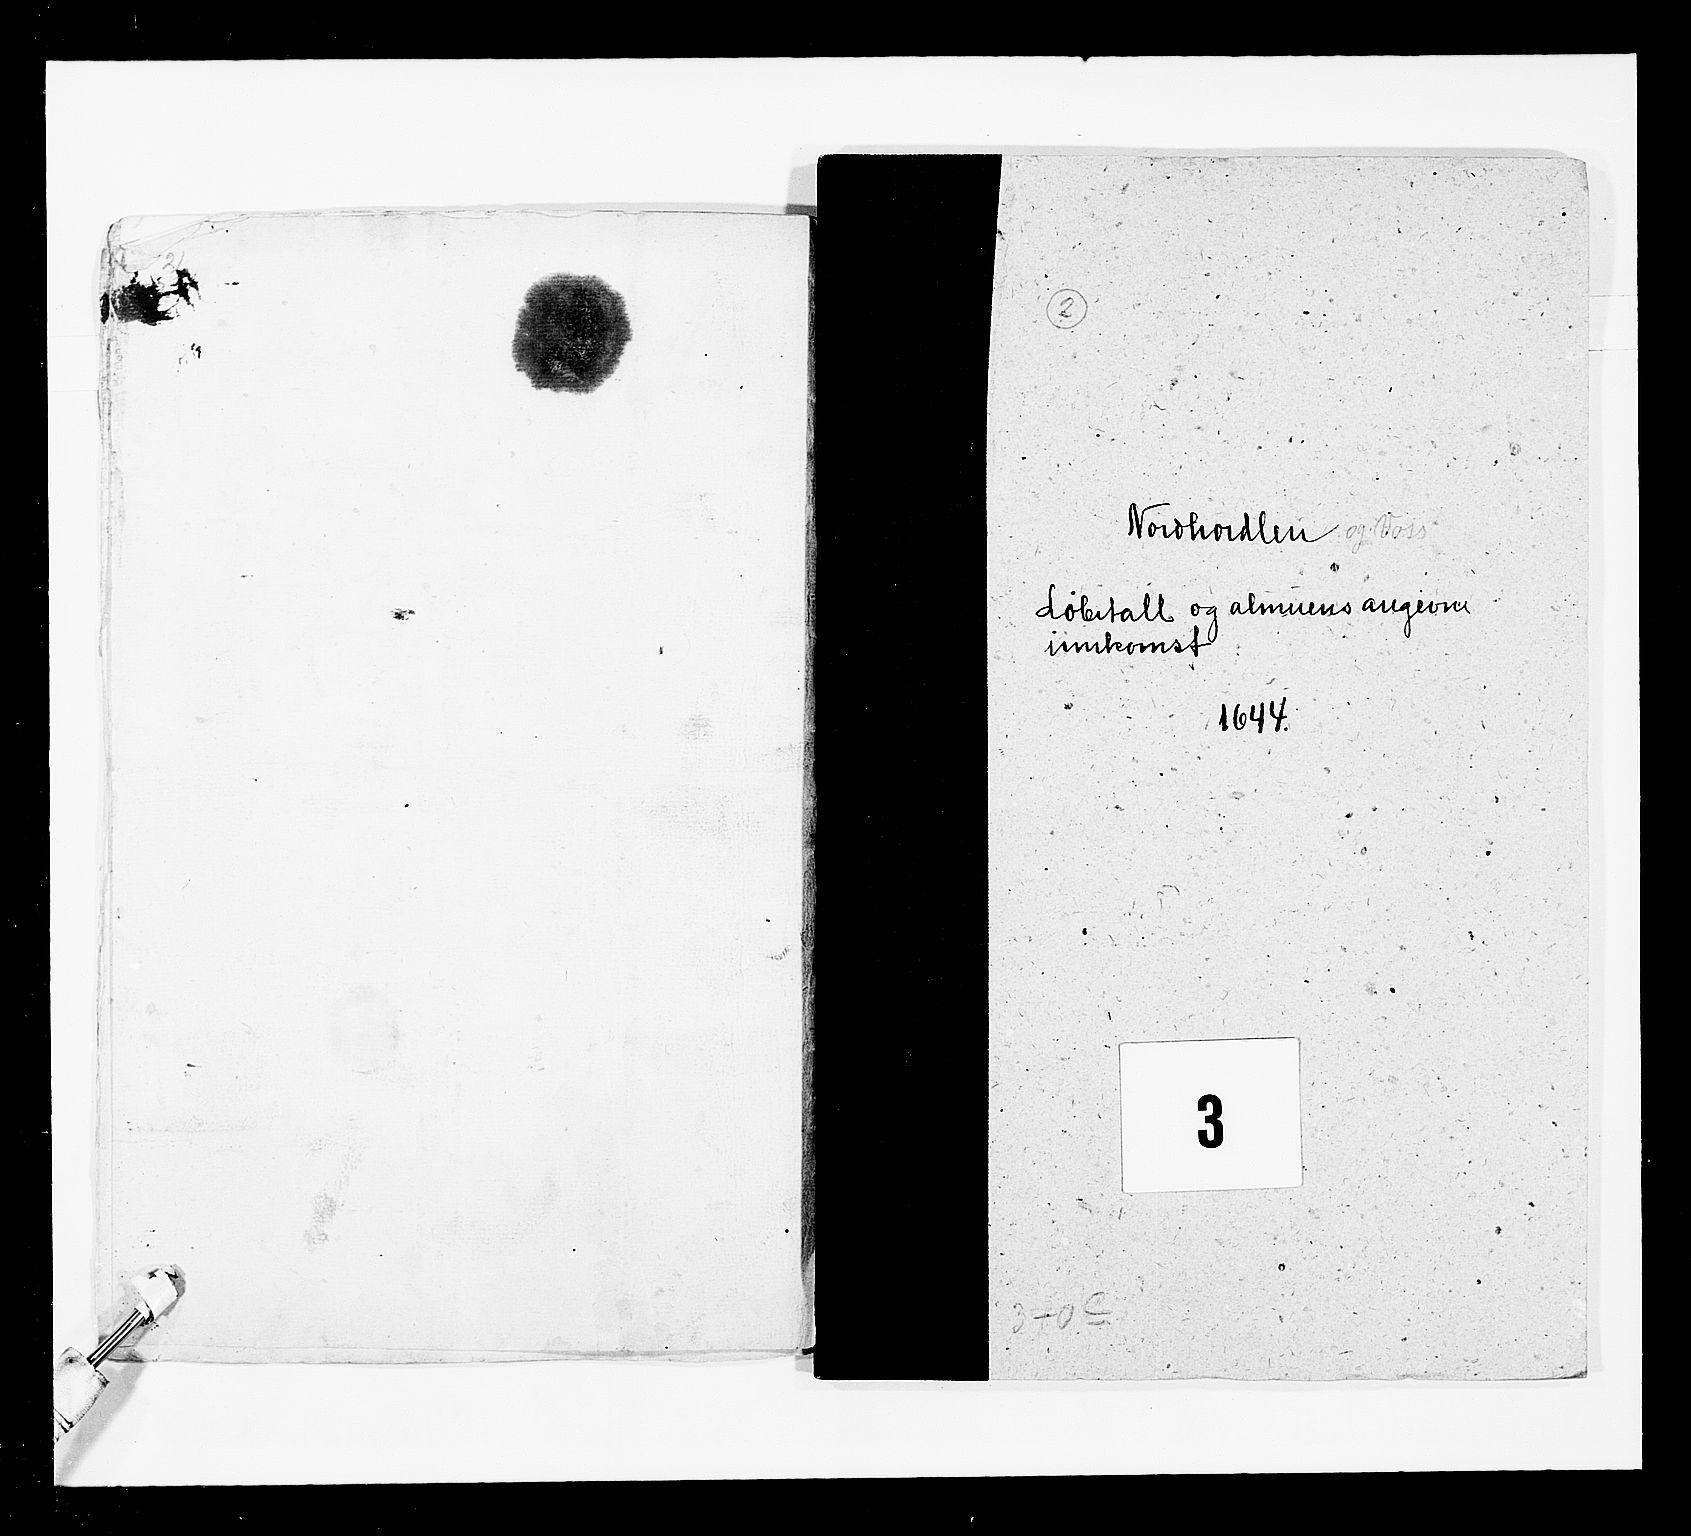 RA, Stattholderembetet 1572-1771, Ek/L0024: Jordebøker 1633-1658:, 1644, s. 7